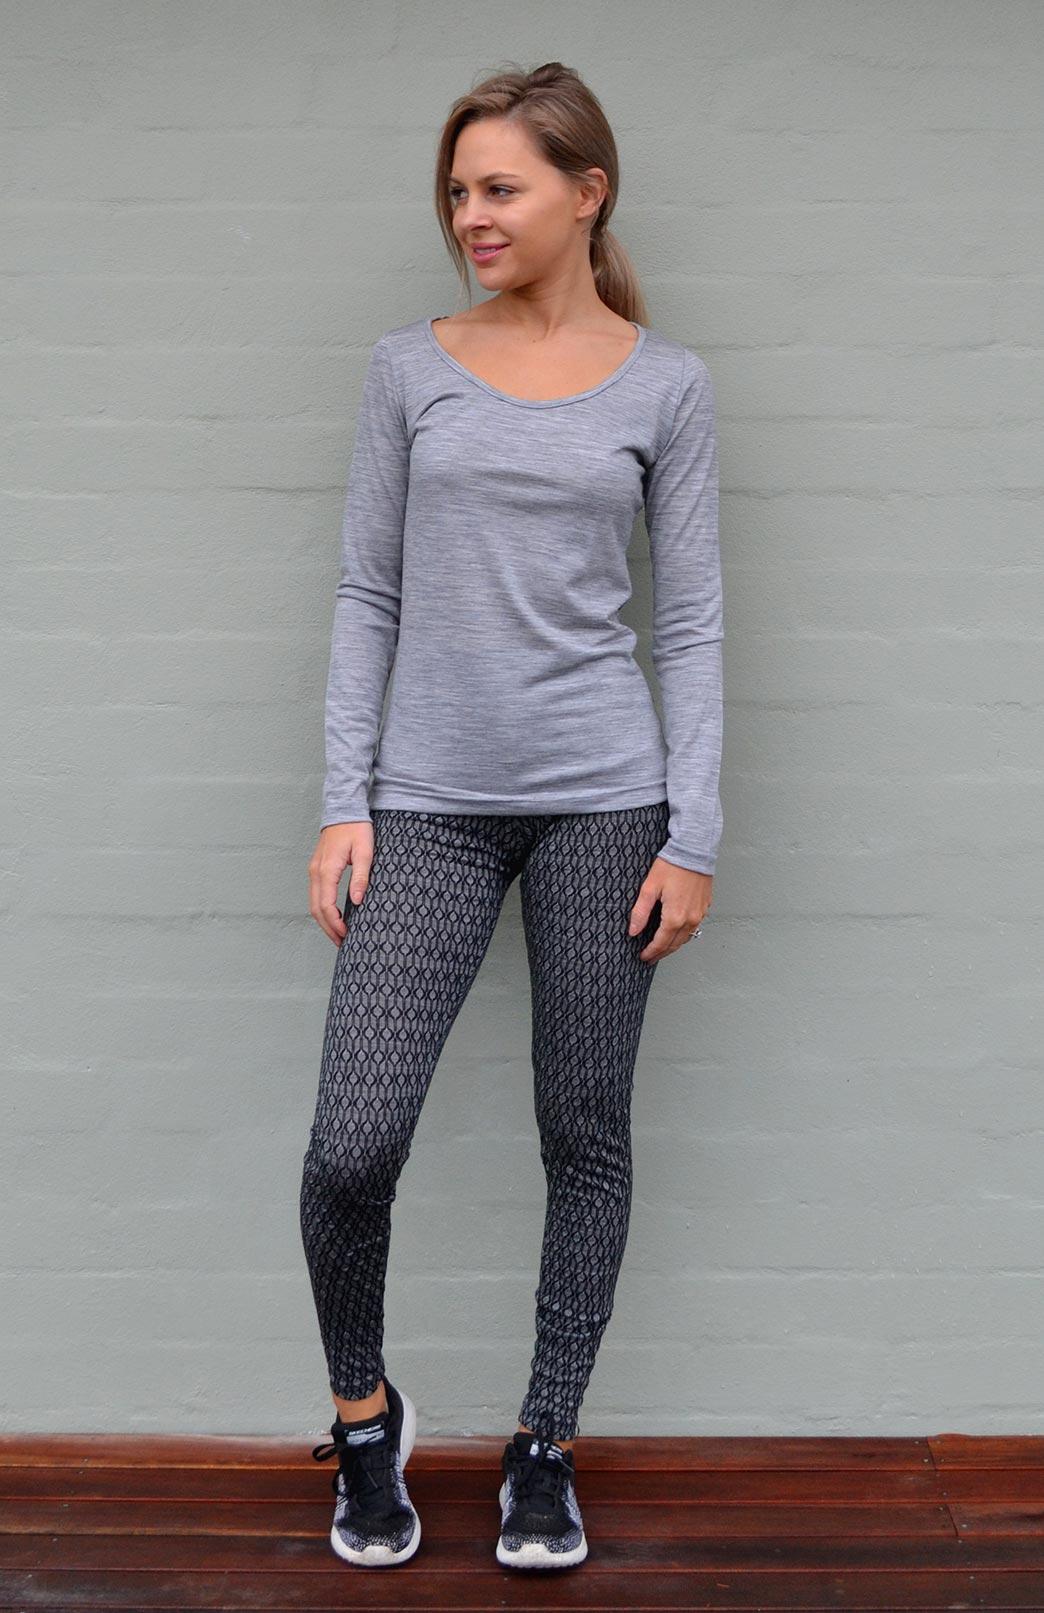 Scoop Neck Top - Plain - Women's Light Grey Marl Pure Merino Wool Long Sleeved Layering Top with Scoop Neckline - Smitten Merino Tasmania Australia